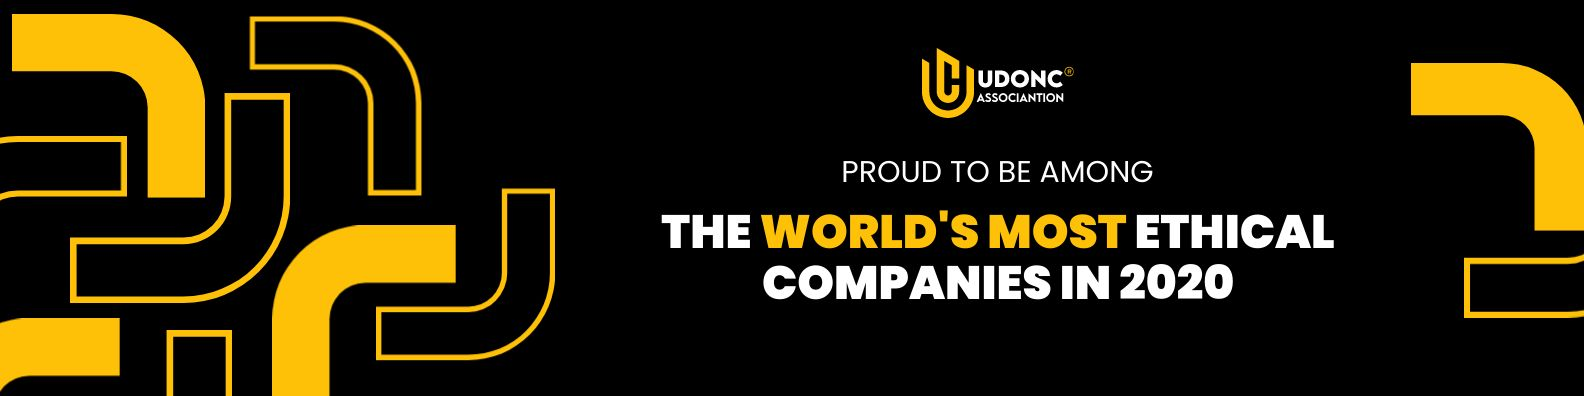 linkedin cover company achievement